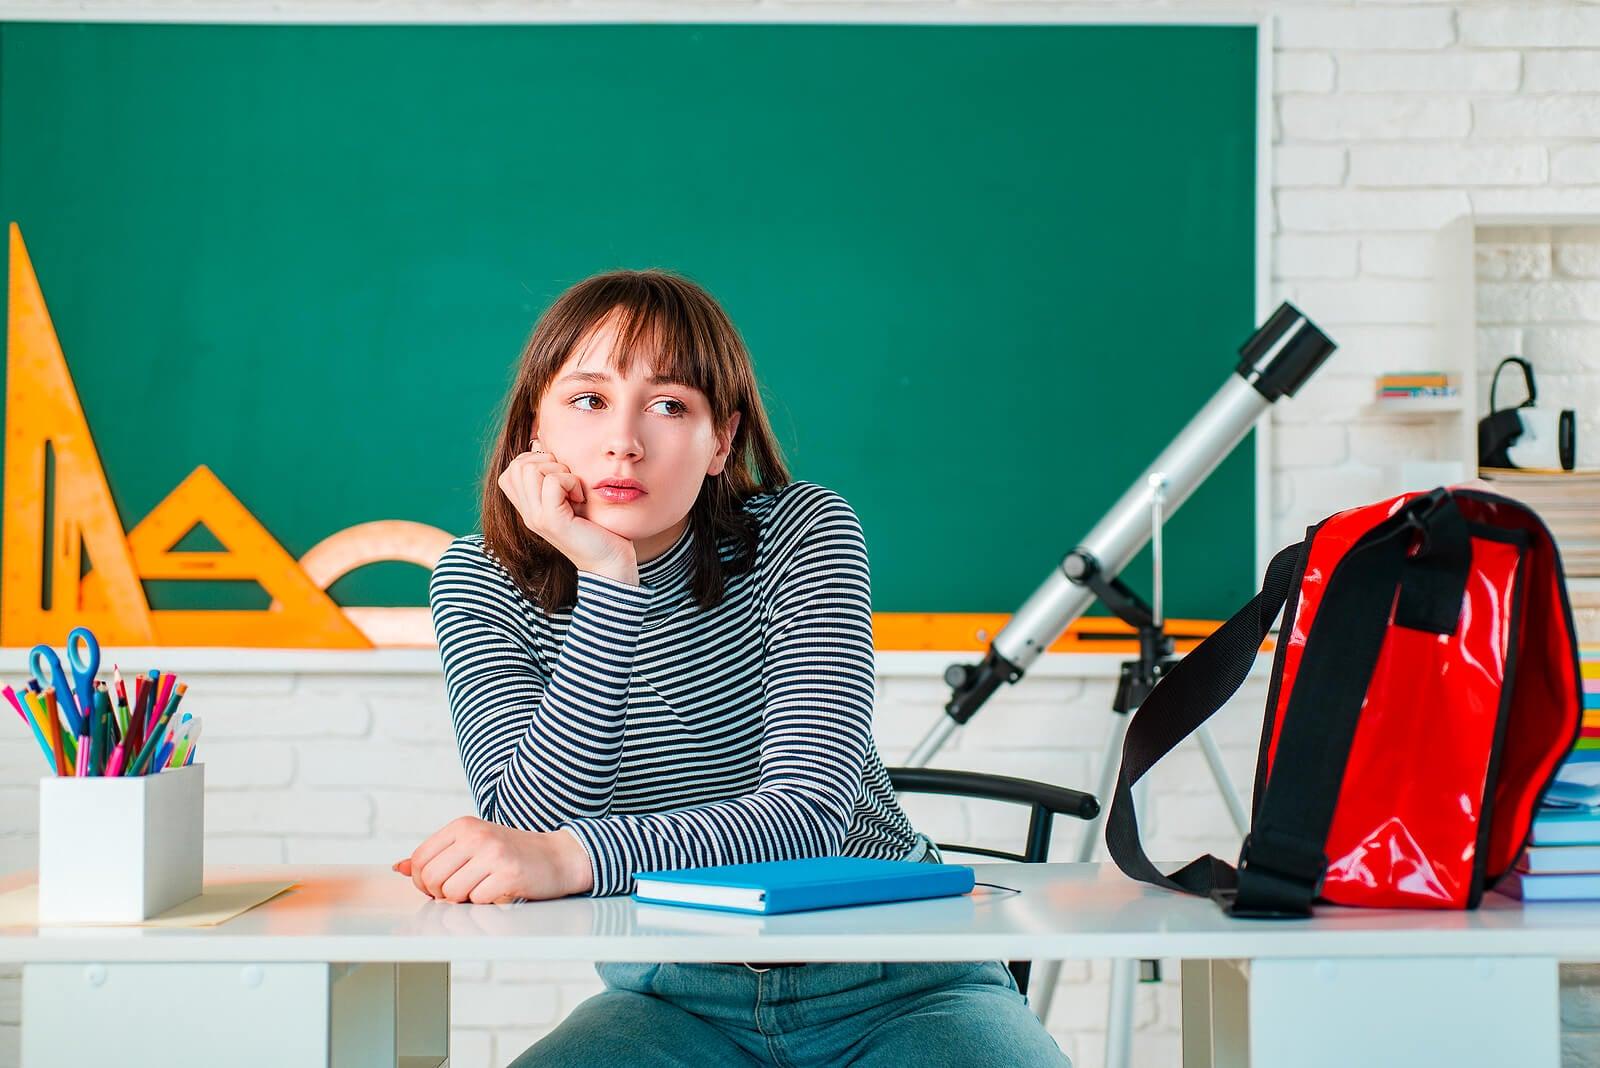 Chica adolescente pensando en cómo elegir sus estudios.